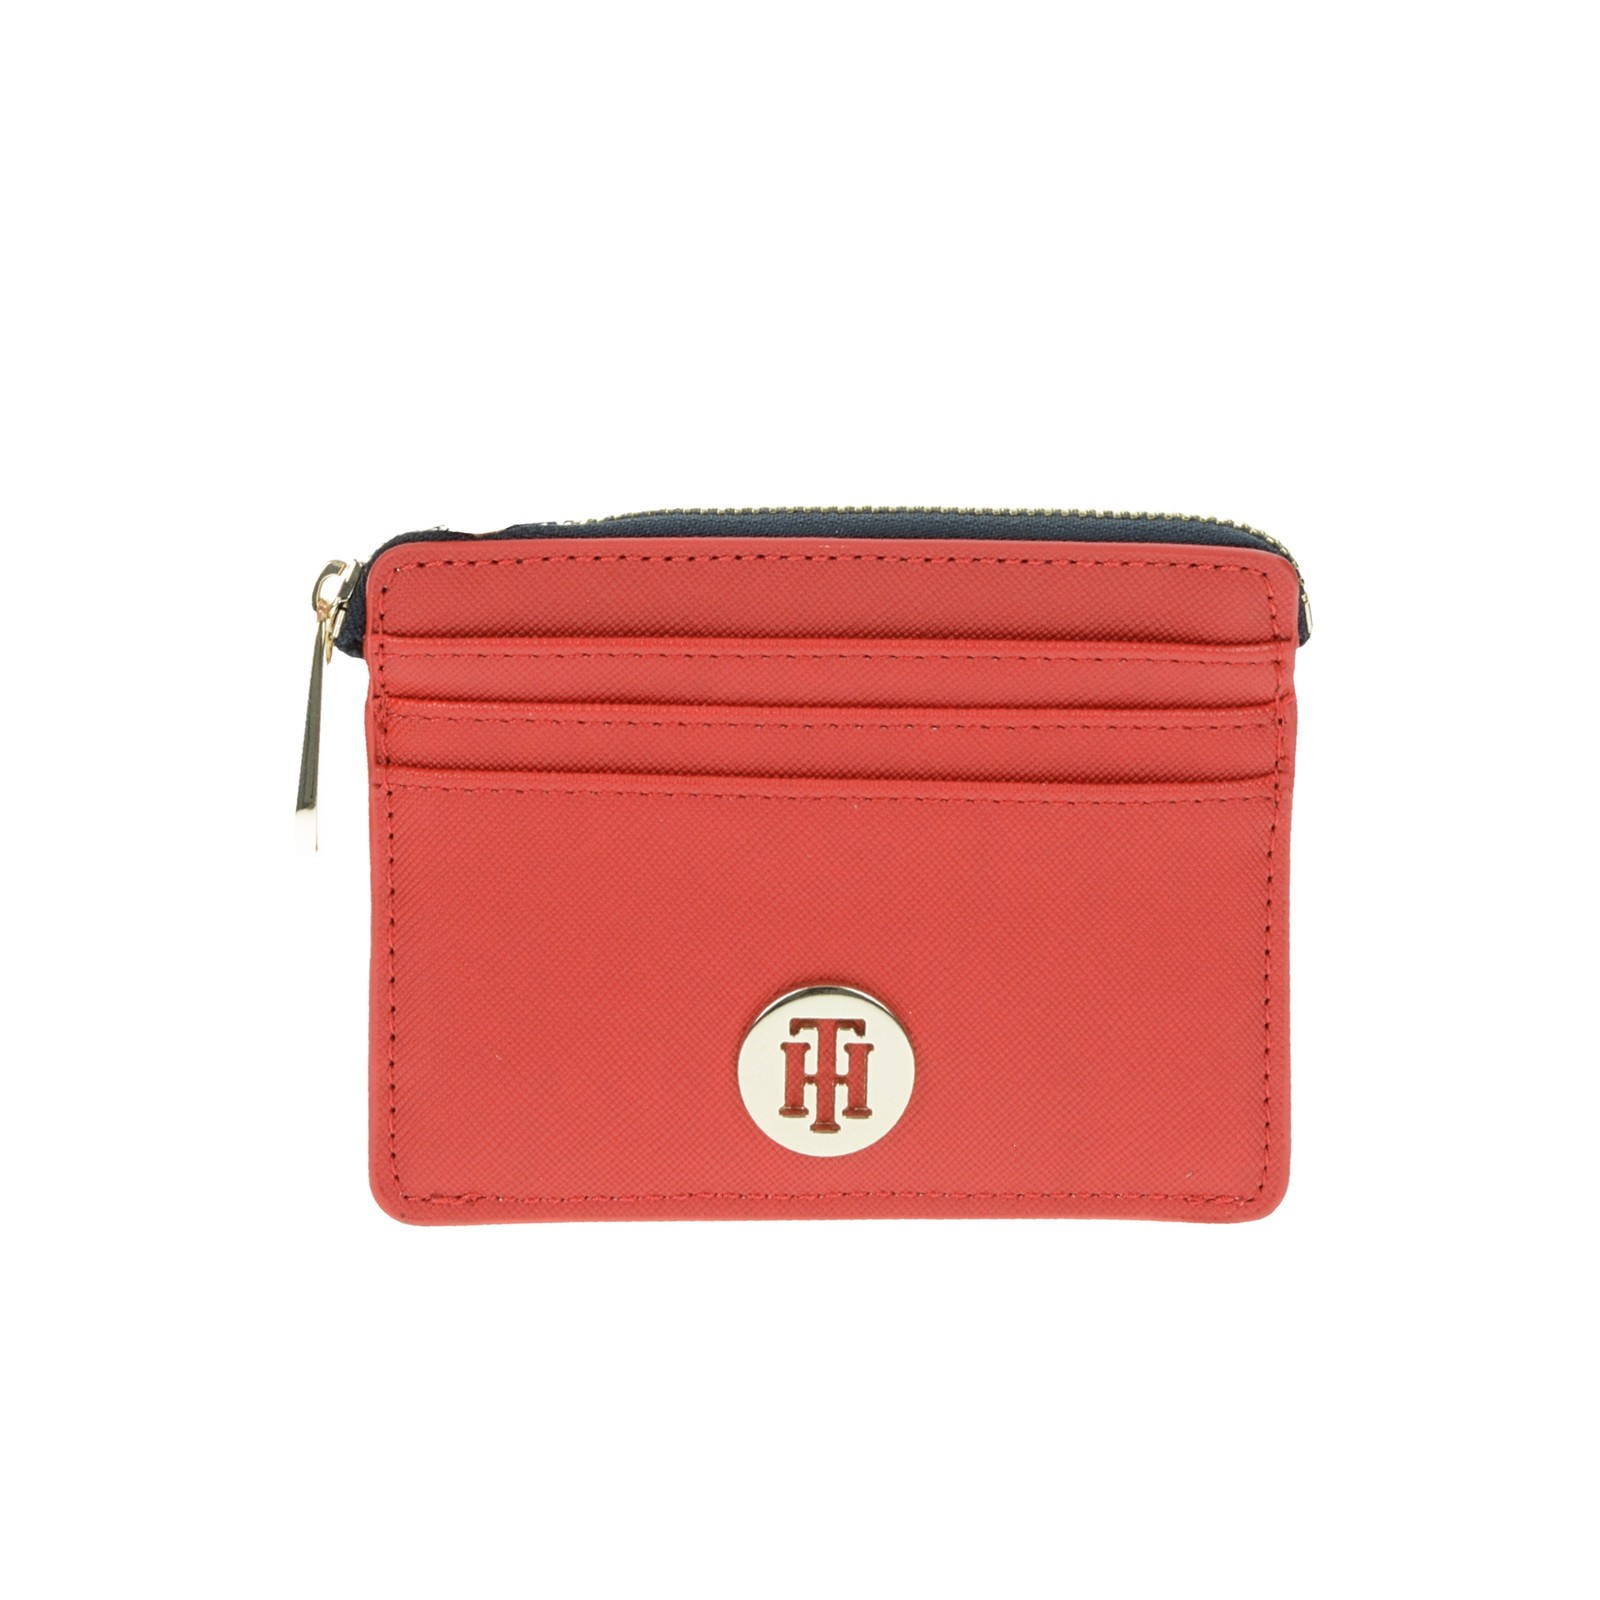 Tommy Hilfiger dámská stylová peňaženka - červená